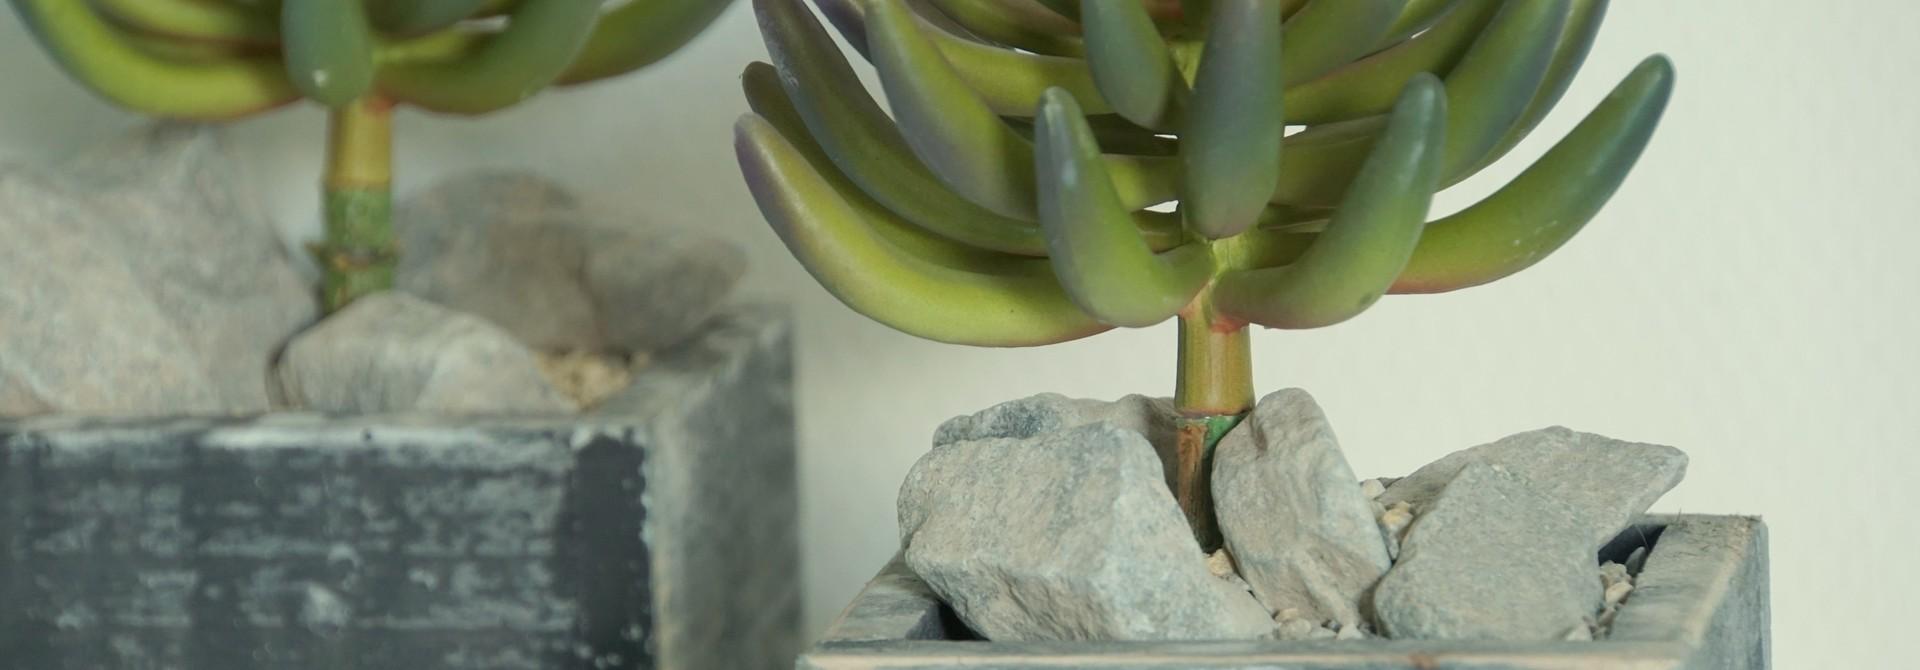 Künstliche Pflantzen in Holztopf